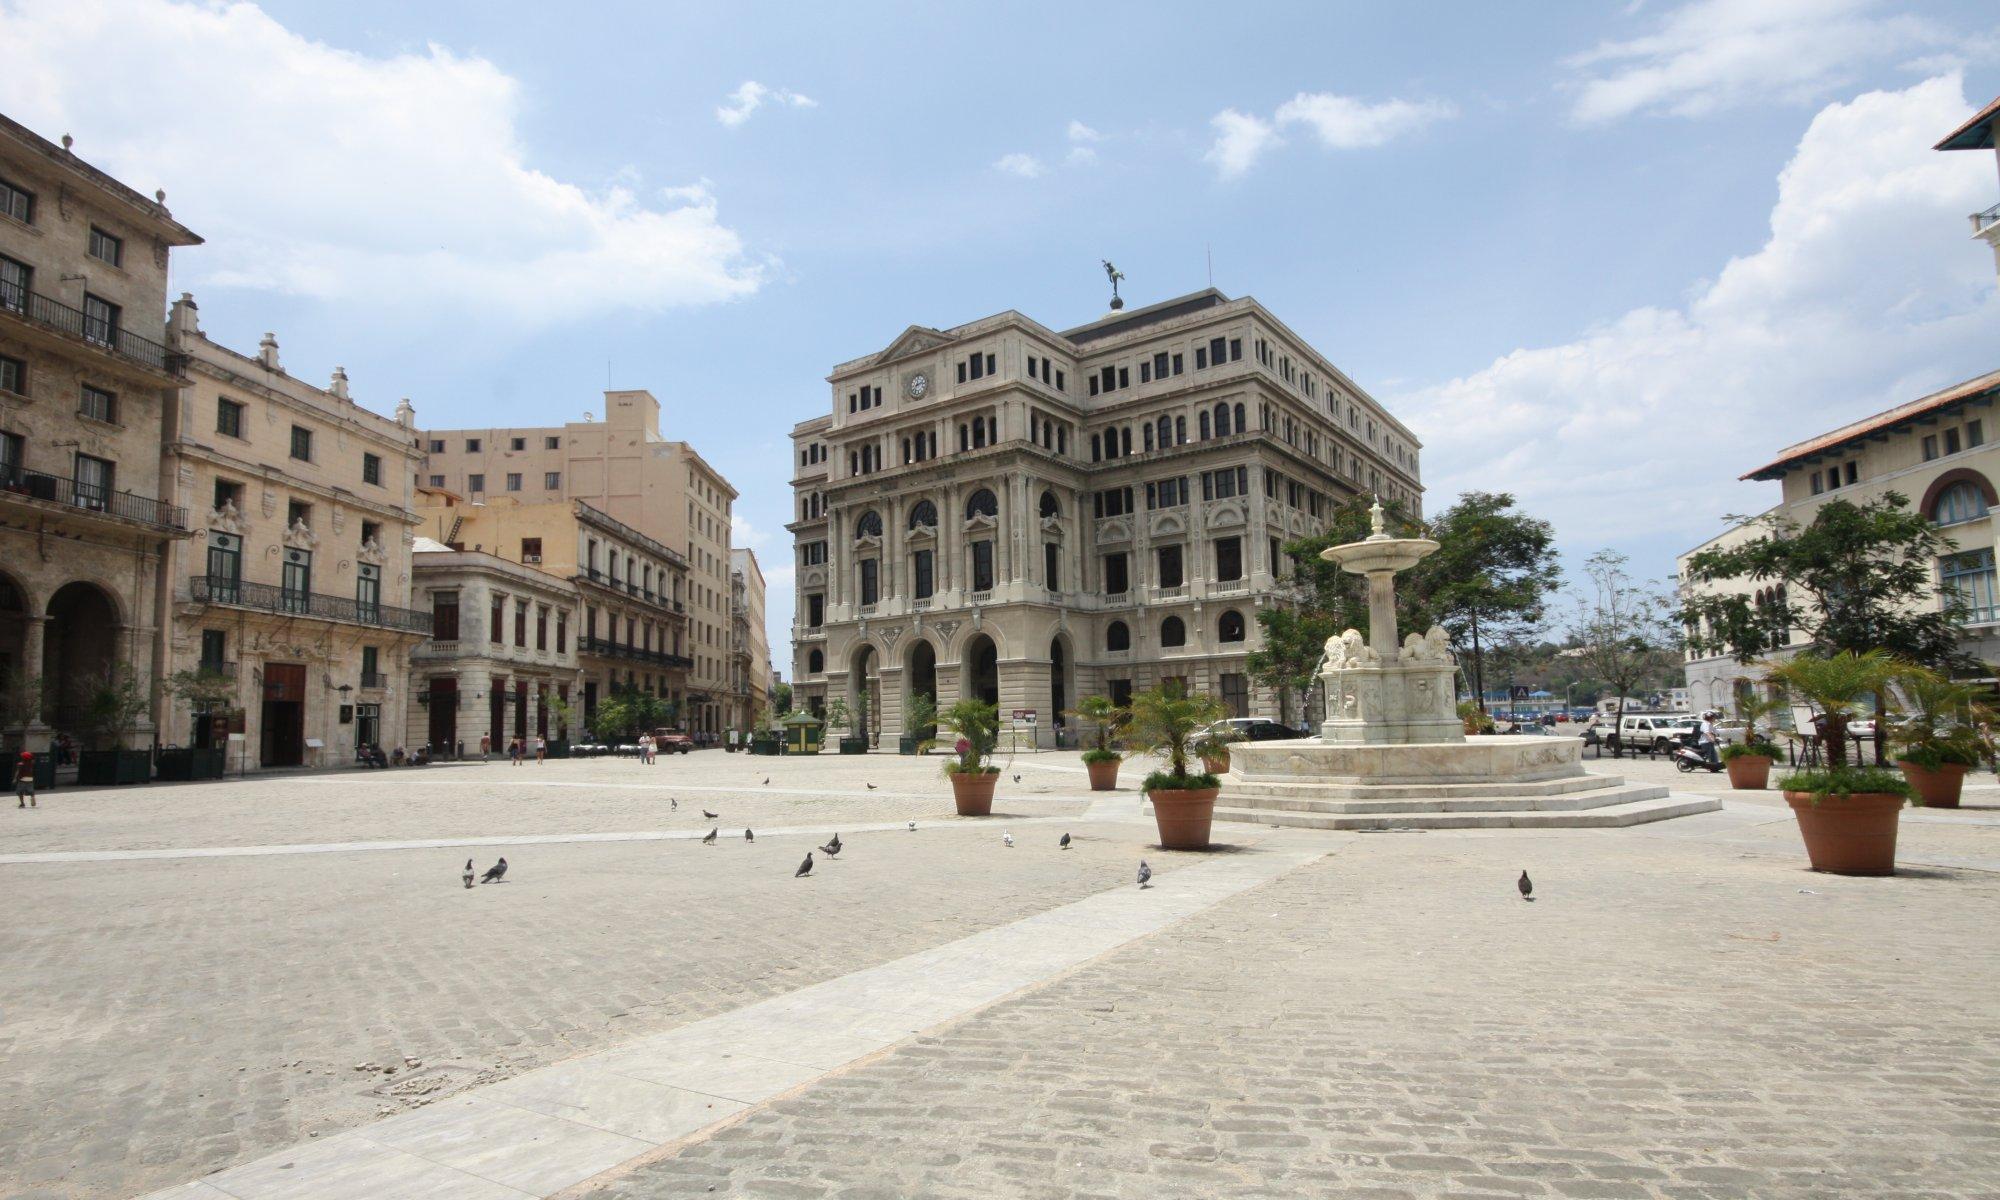 Habana vieja, La Habana, Cuba